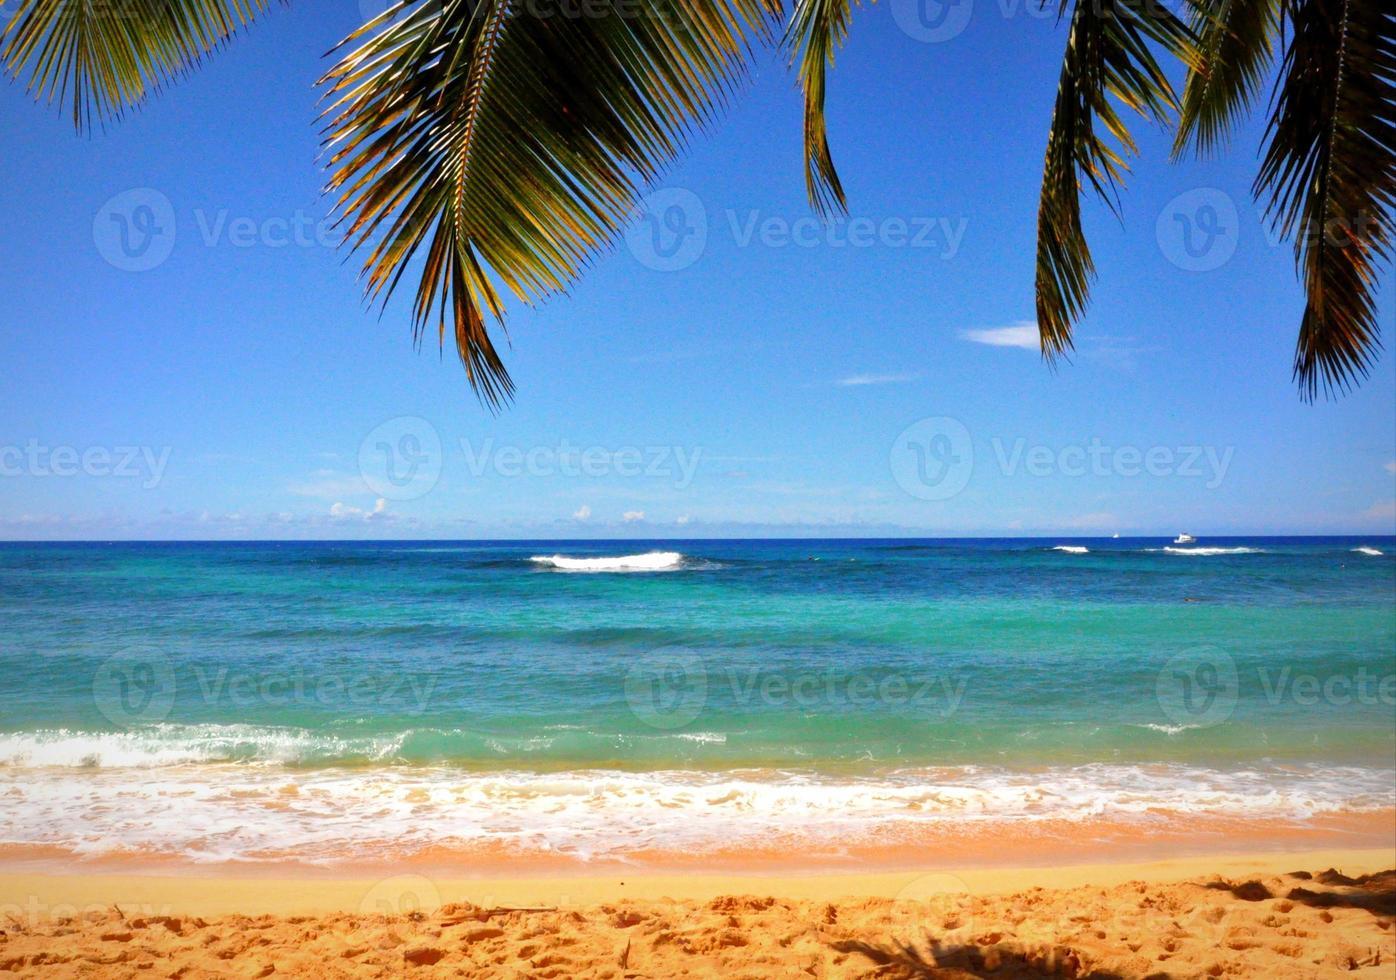 oceano e coqueiro foto